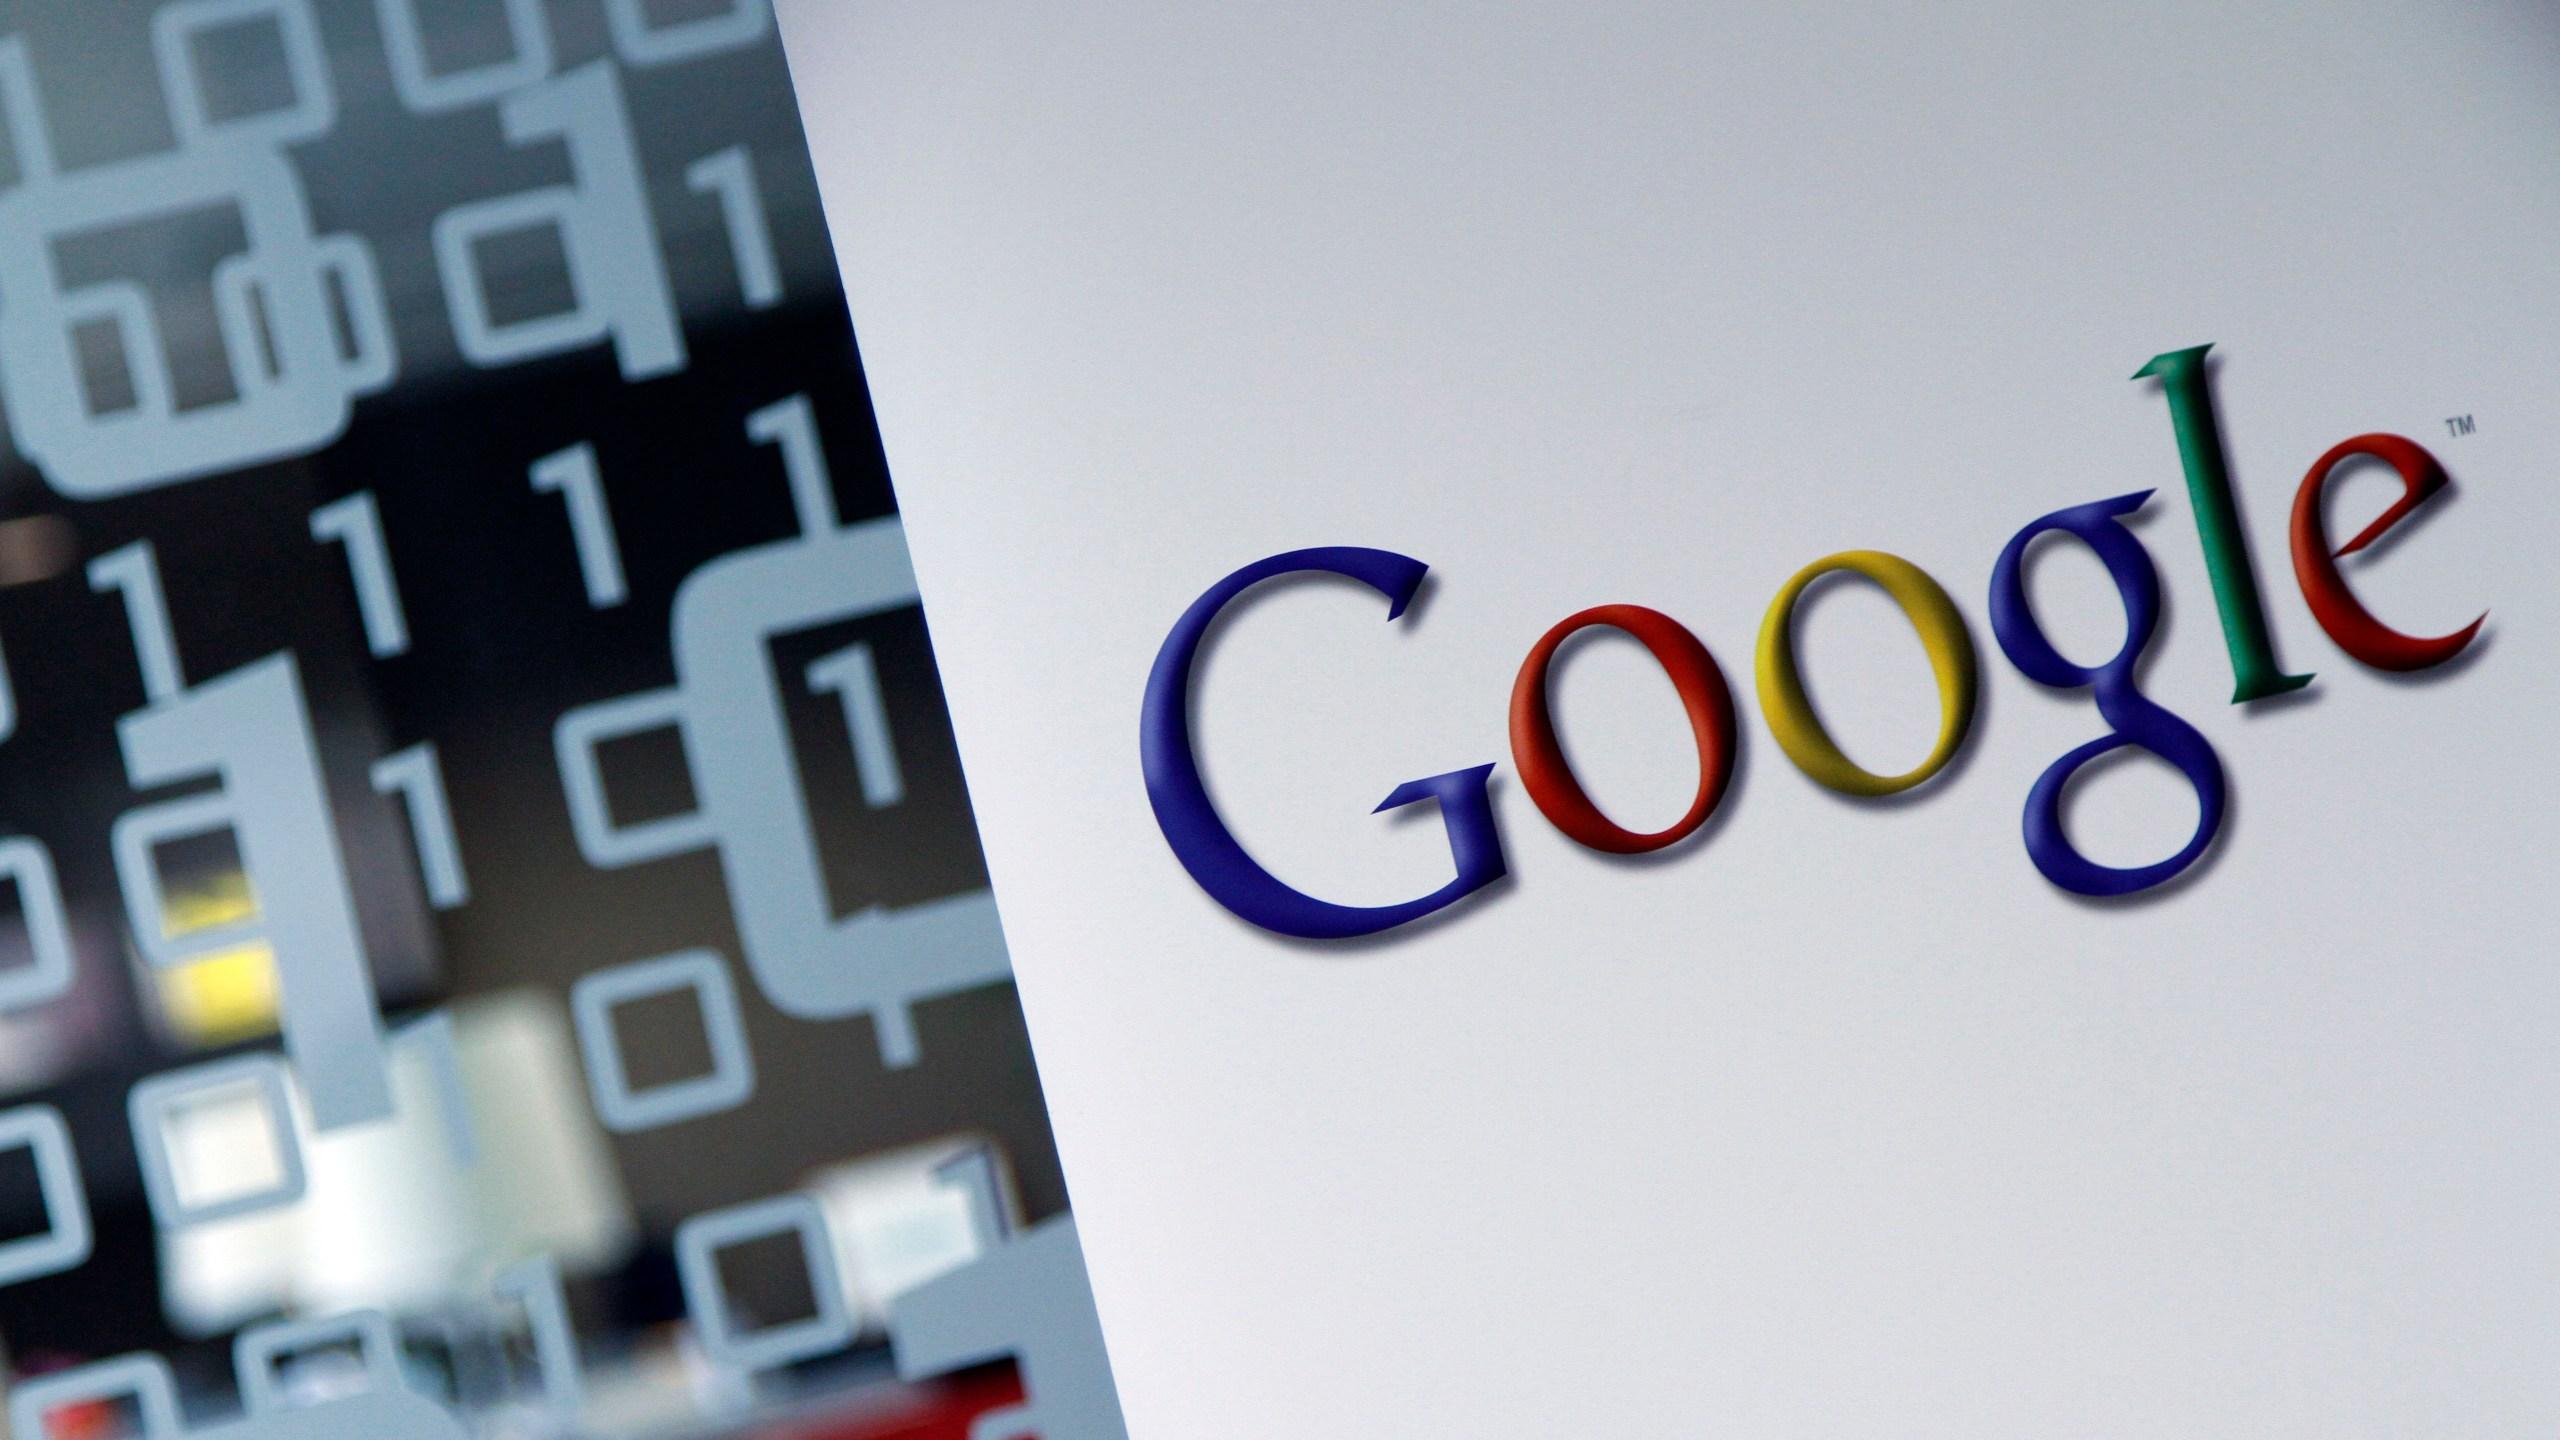 Google_Contract_Workers_17870-159532.jpg85552073